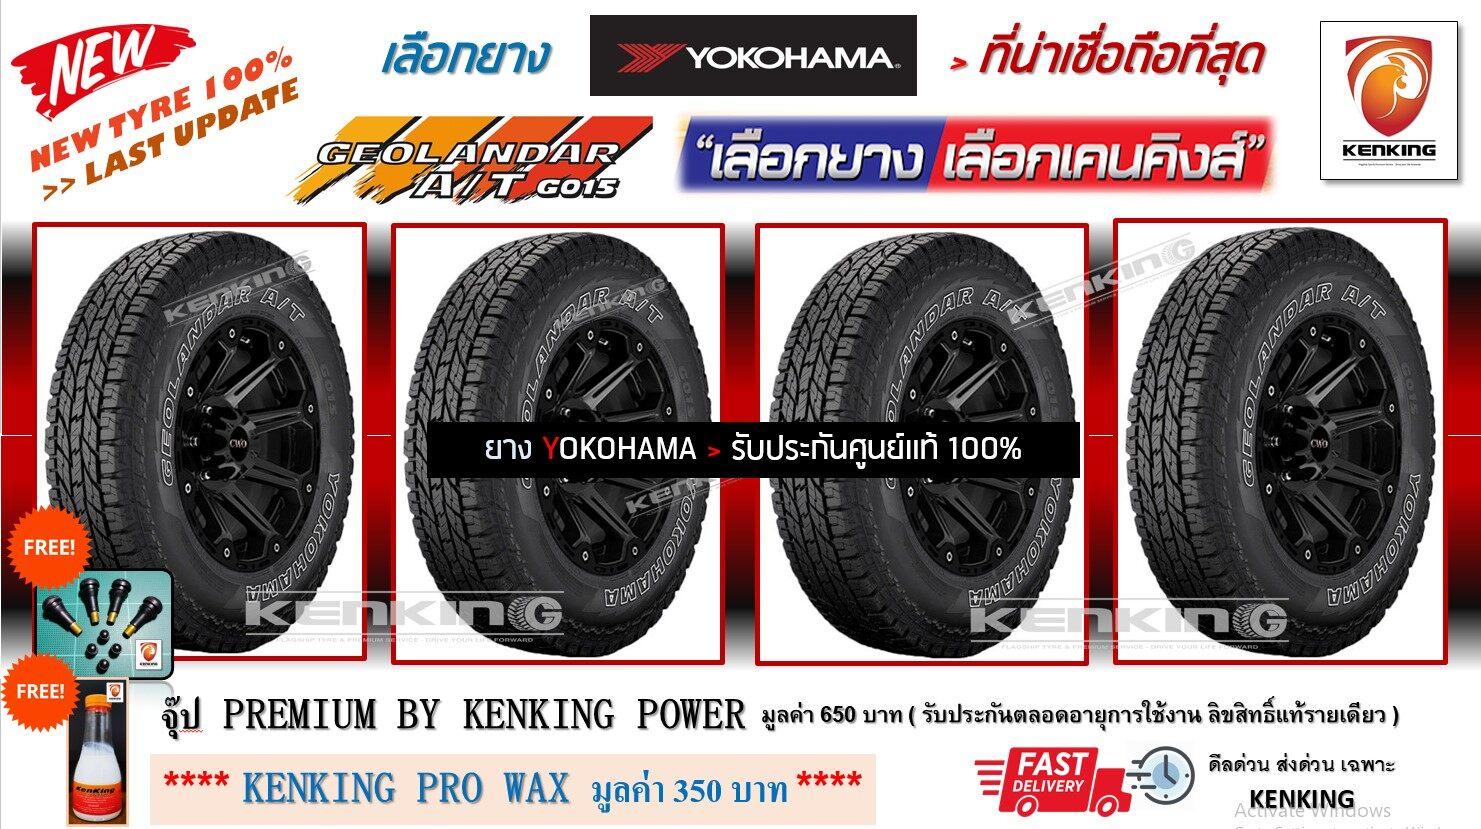 ยางรถยนต์ขอบ 17 Yokohama โยโกฮาม่า 245/65 R17 Geolandar A/t G015 (ตัวหนังสือขาว)  (จำนวน 4 เส้น) ฟรีจุ๊ปยางเกรด Premium มูลค่า 650 บาท✔.